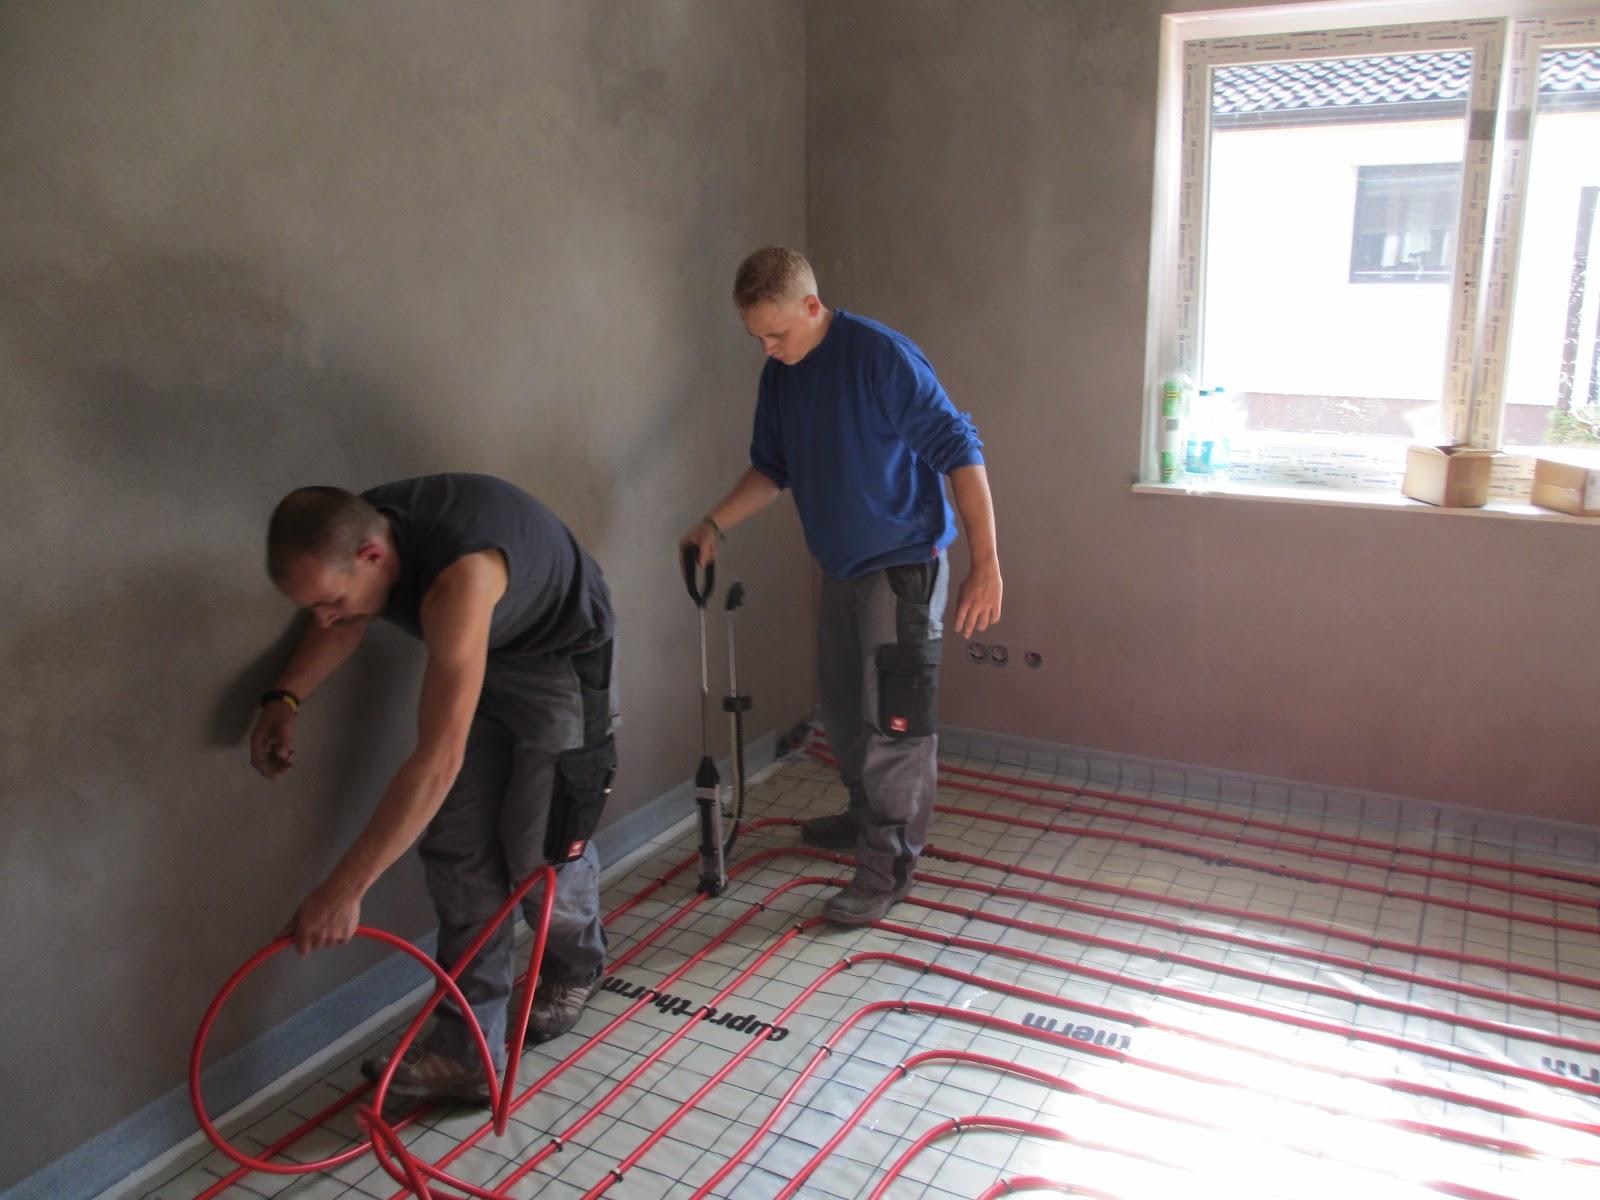 Fußboden Mit Dämmung ~ Fußbodenheizung sorgfältig verlegt die alten bauen ihren ruhesitz